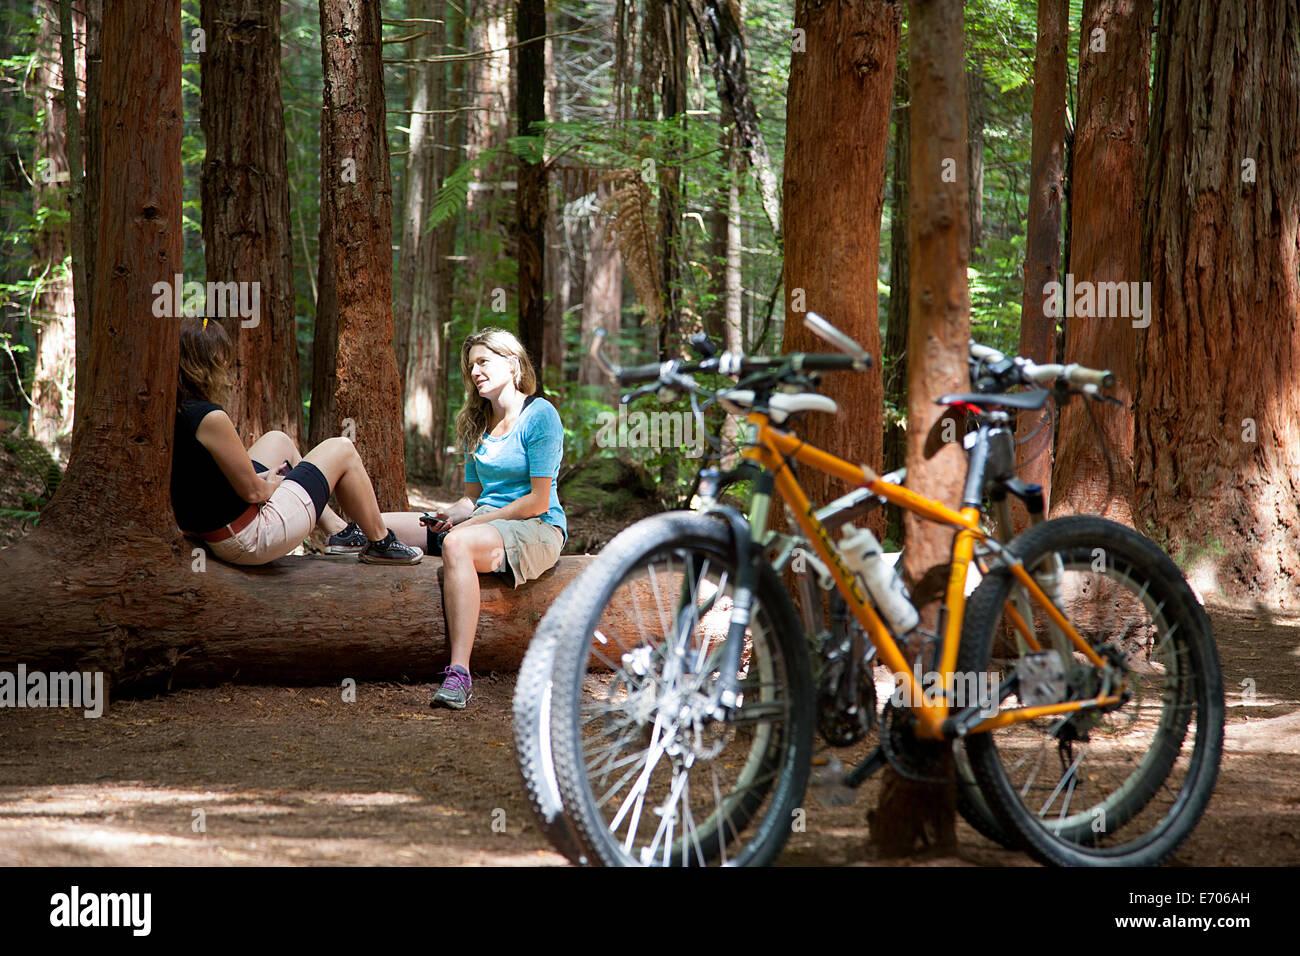 Deux femmes du vélo de montagne sur tronc d'arbre dans la forêt Photo Stock